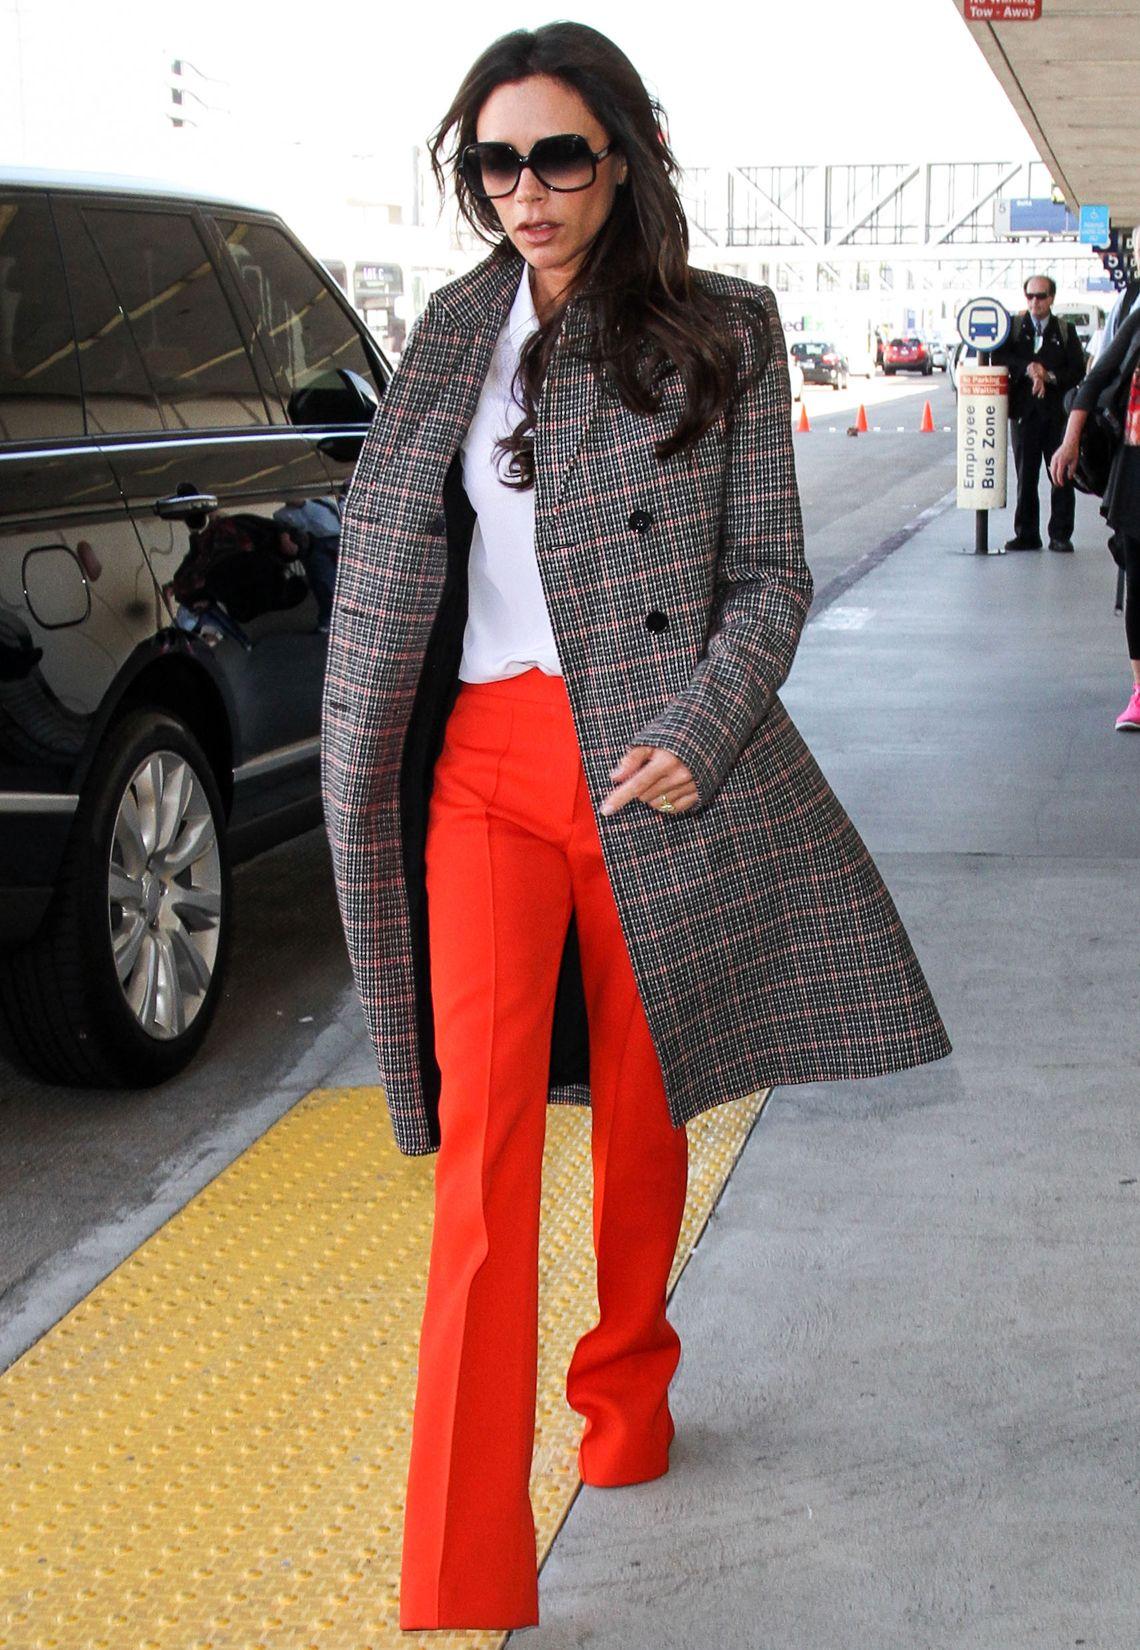 Victoria Beckham hat sich über die Jahre von der Girl-Group-Sängerin zur angesehenen Designerin und Fashion-Ikone entwickelt. Sehen Sie hier ihre schönsten Outfits